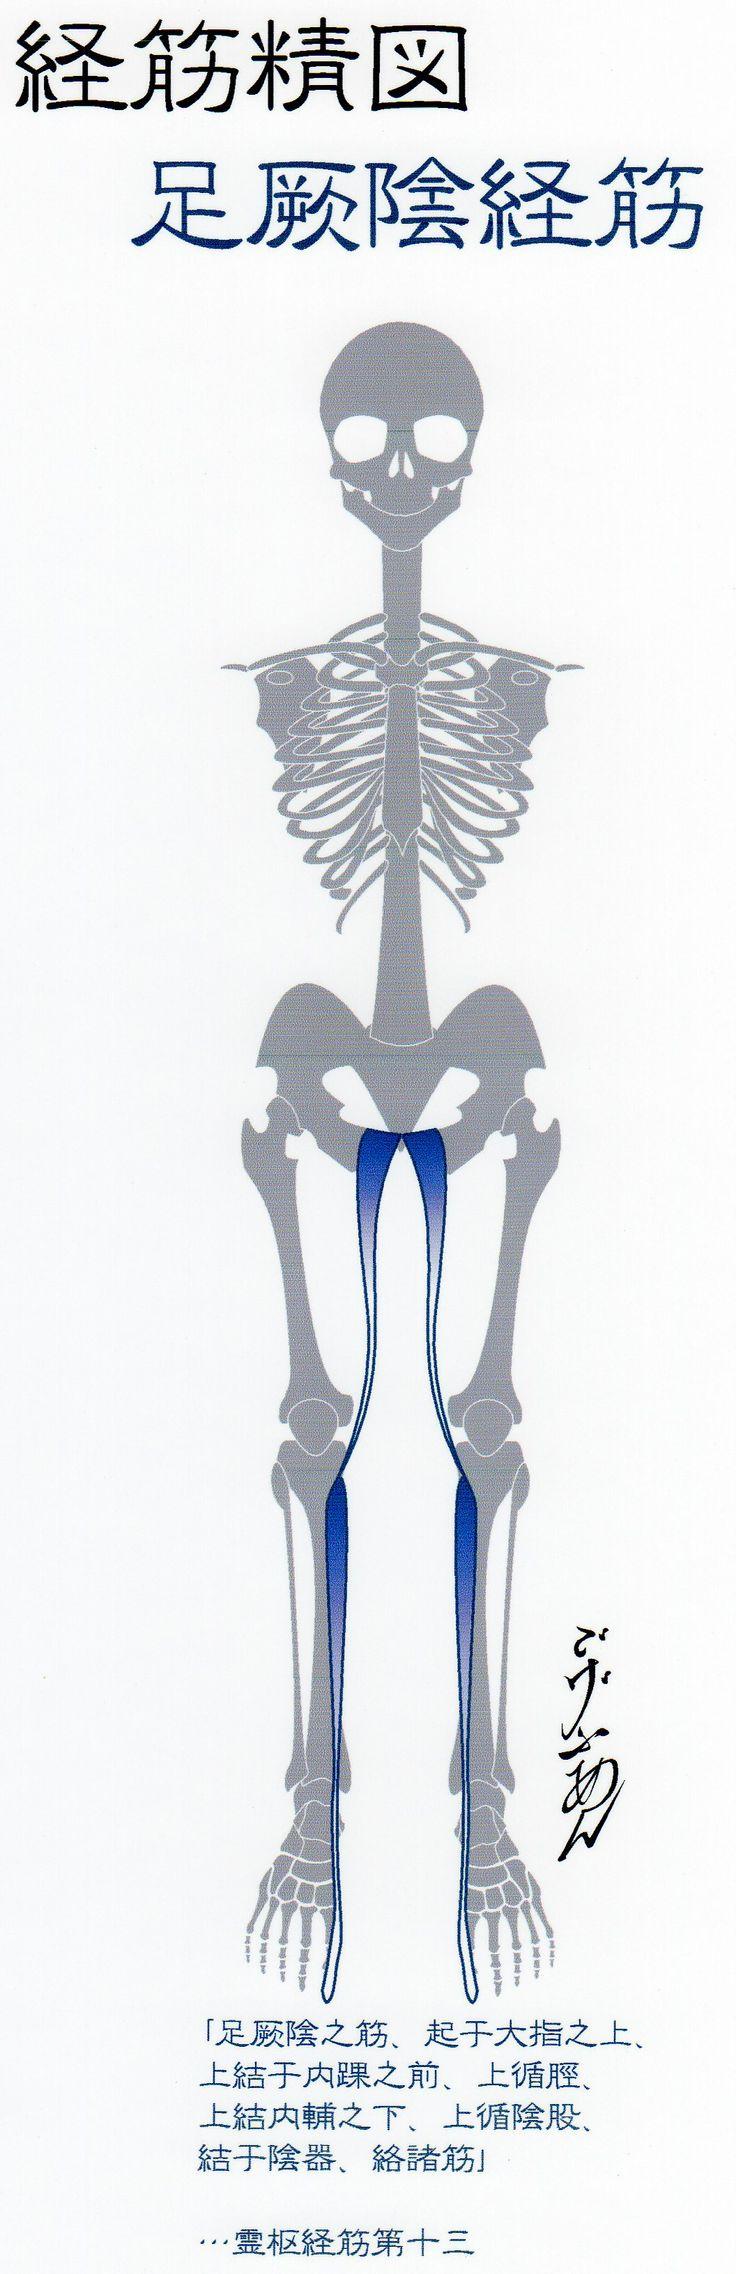 足厥陰経筋-Muscle meridian, Zu jueyin-